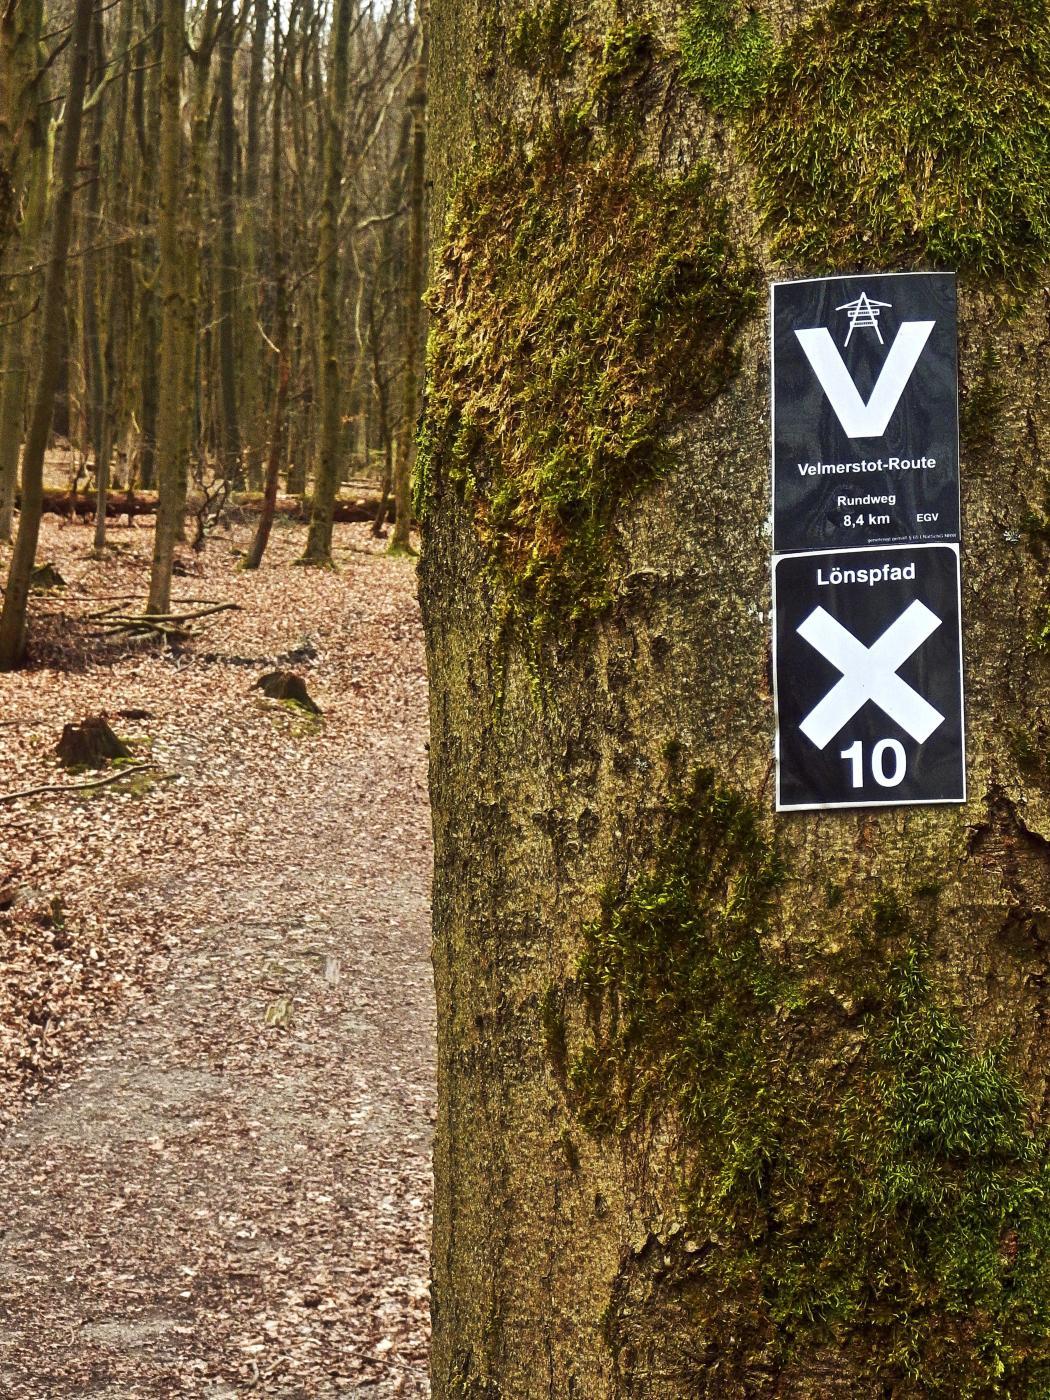 Velmerstot-Route und Lönspfad